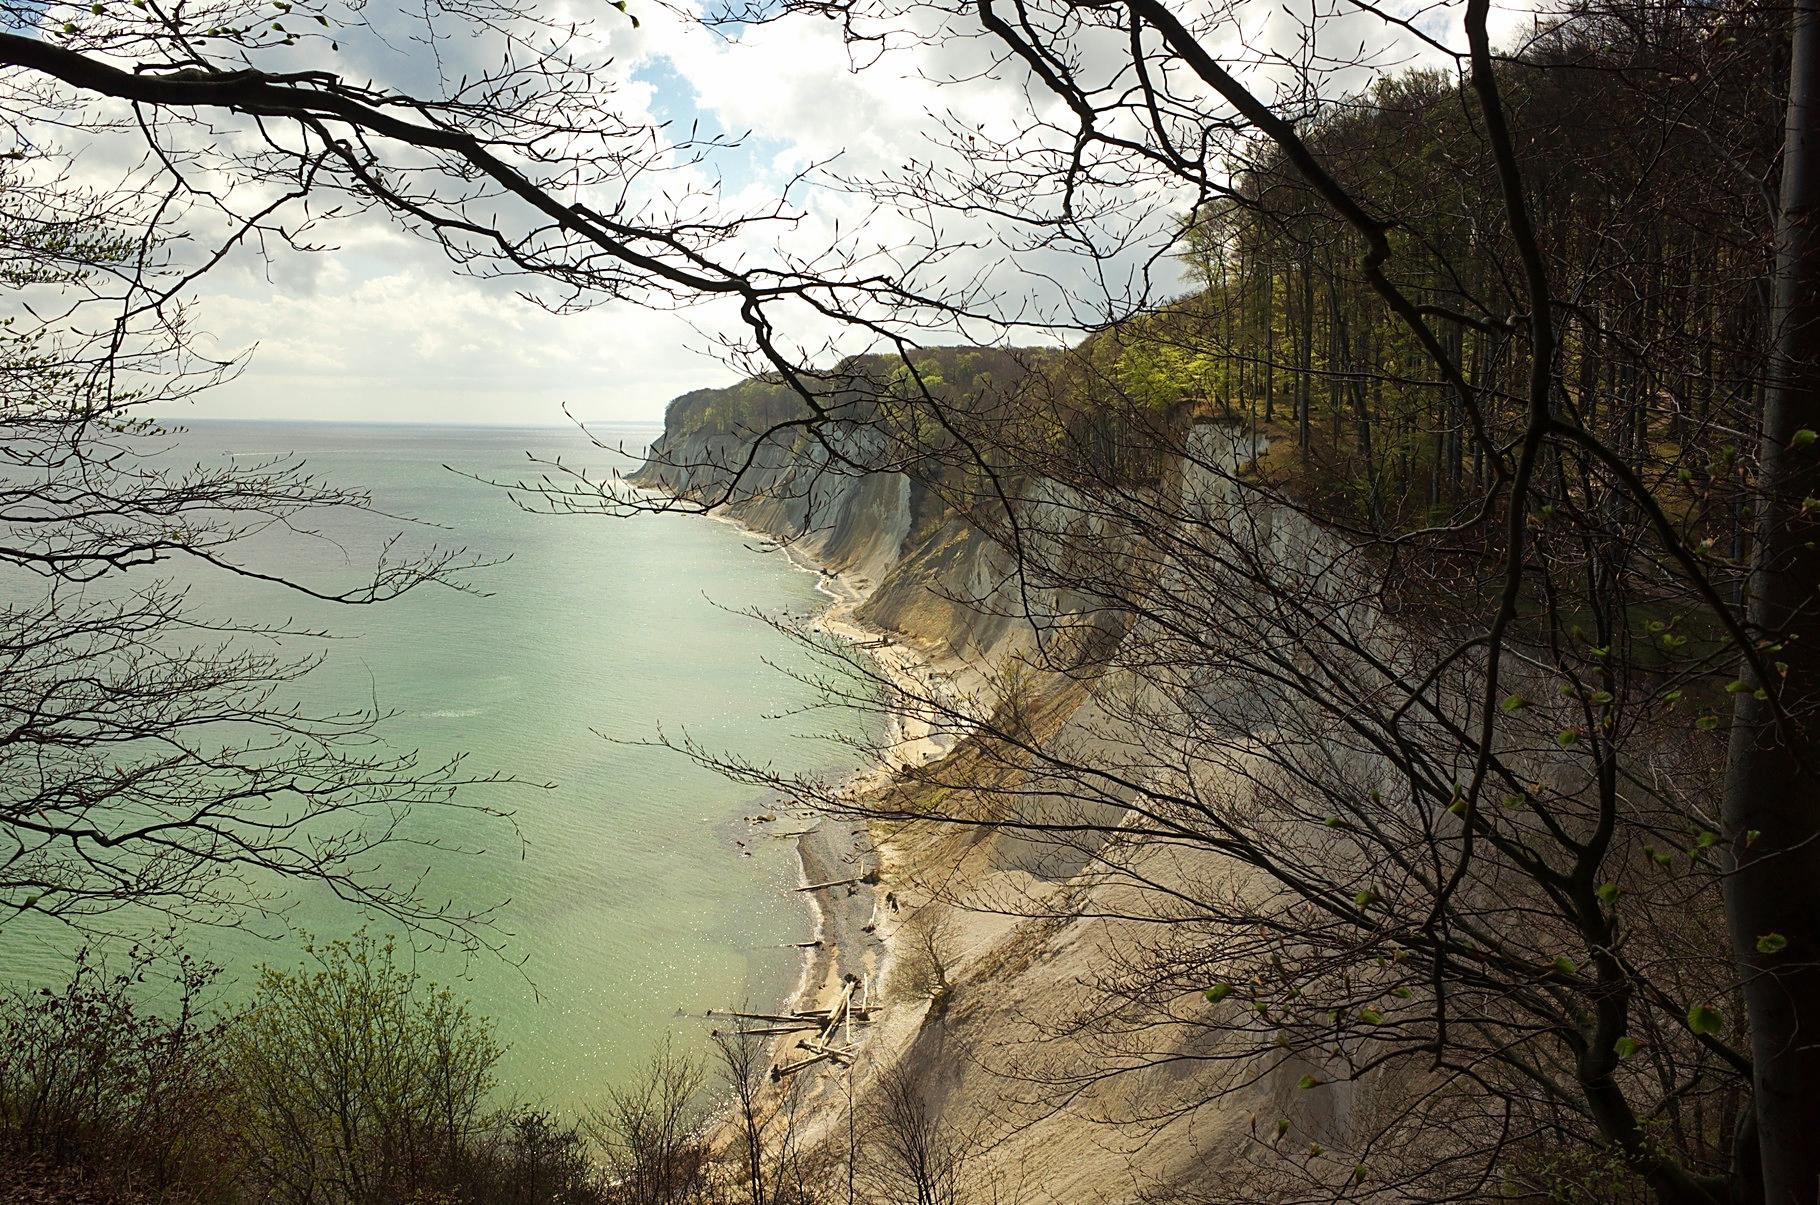 """Blick auf die Kreideküste im Nationalpark """"Jasmund"""" am 23.04.2016"""